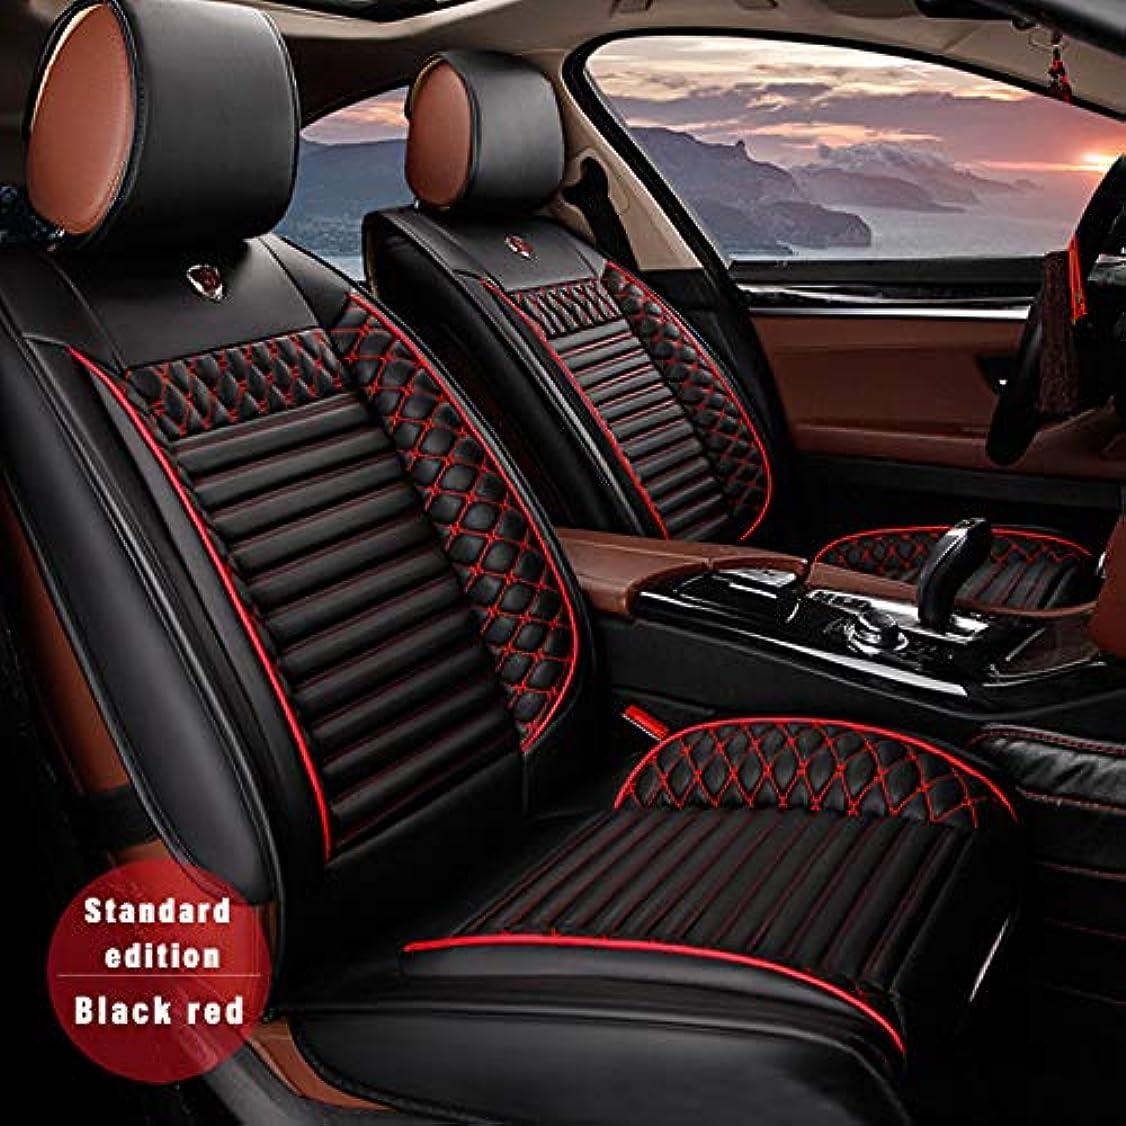 折る岩人生を作るカーシートカバー BMW 1 シリーズ E87 F20 120i 130i 116i 118i 運転席/助手席用 2席用PUレザー製シートプロテクター シートカバー ブラックレッド